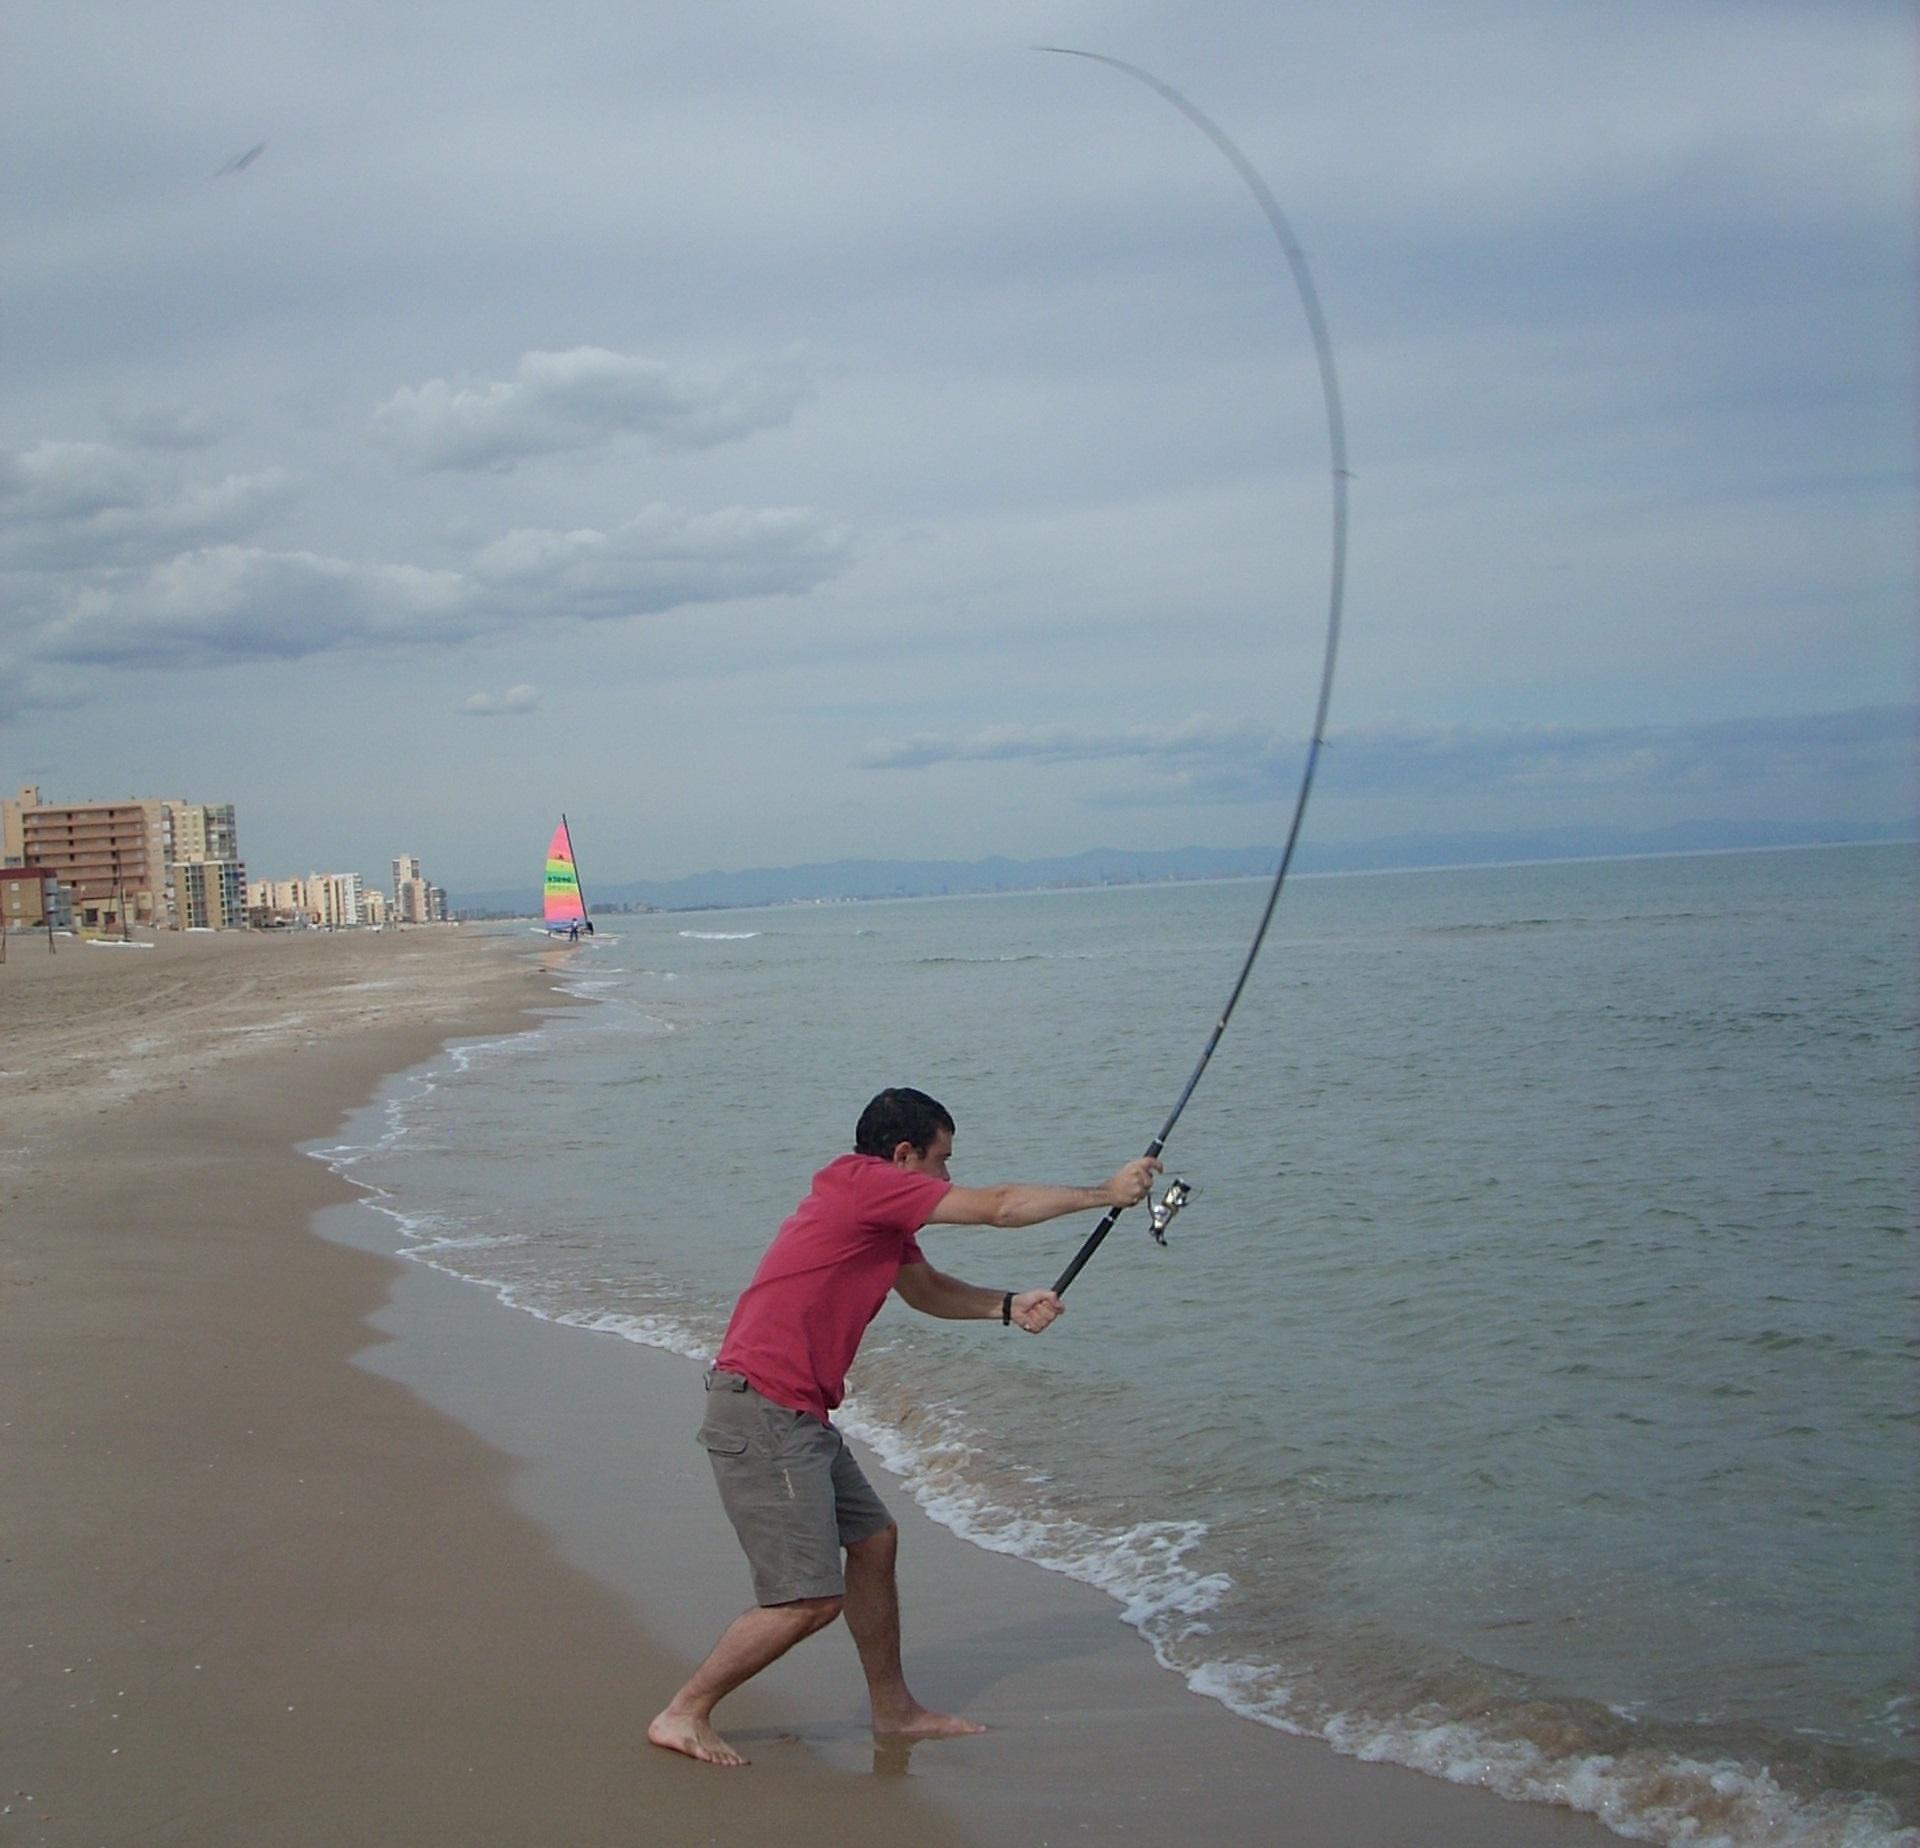 pescar sepias desde la orilla en la playa